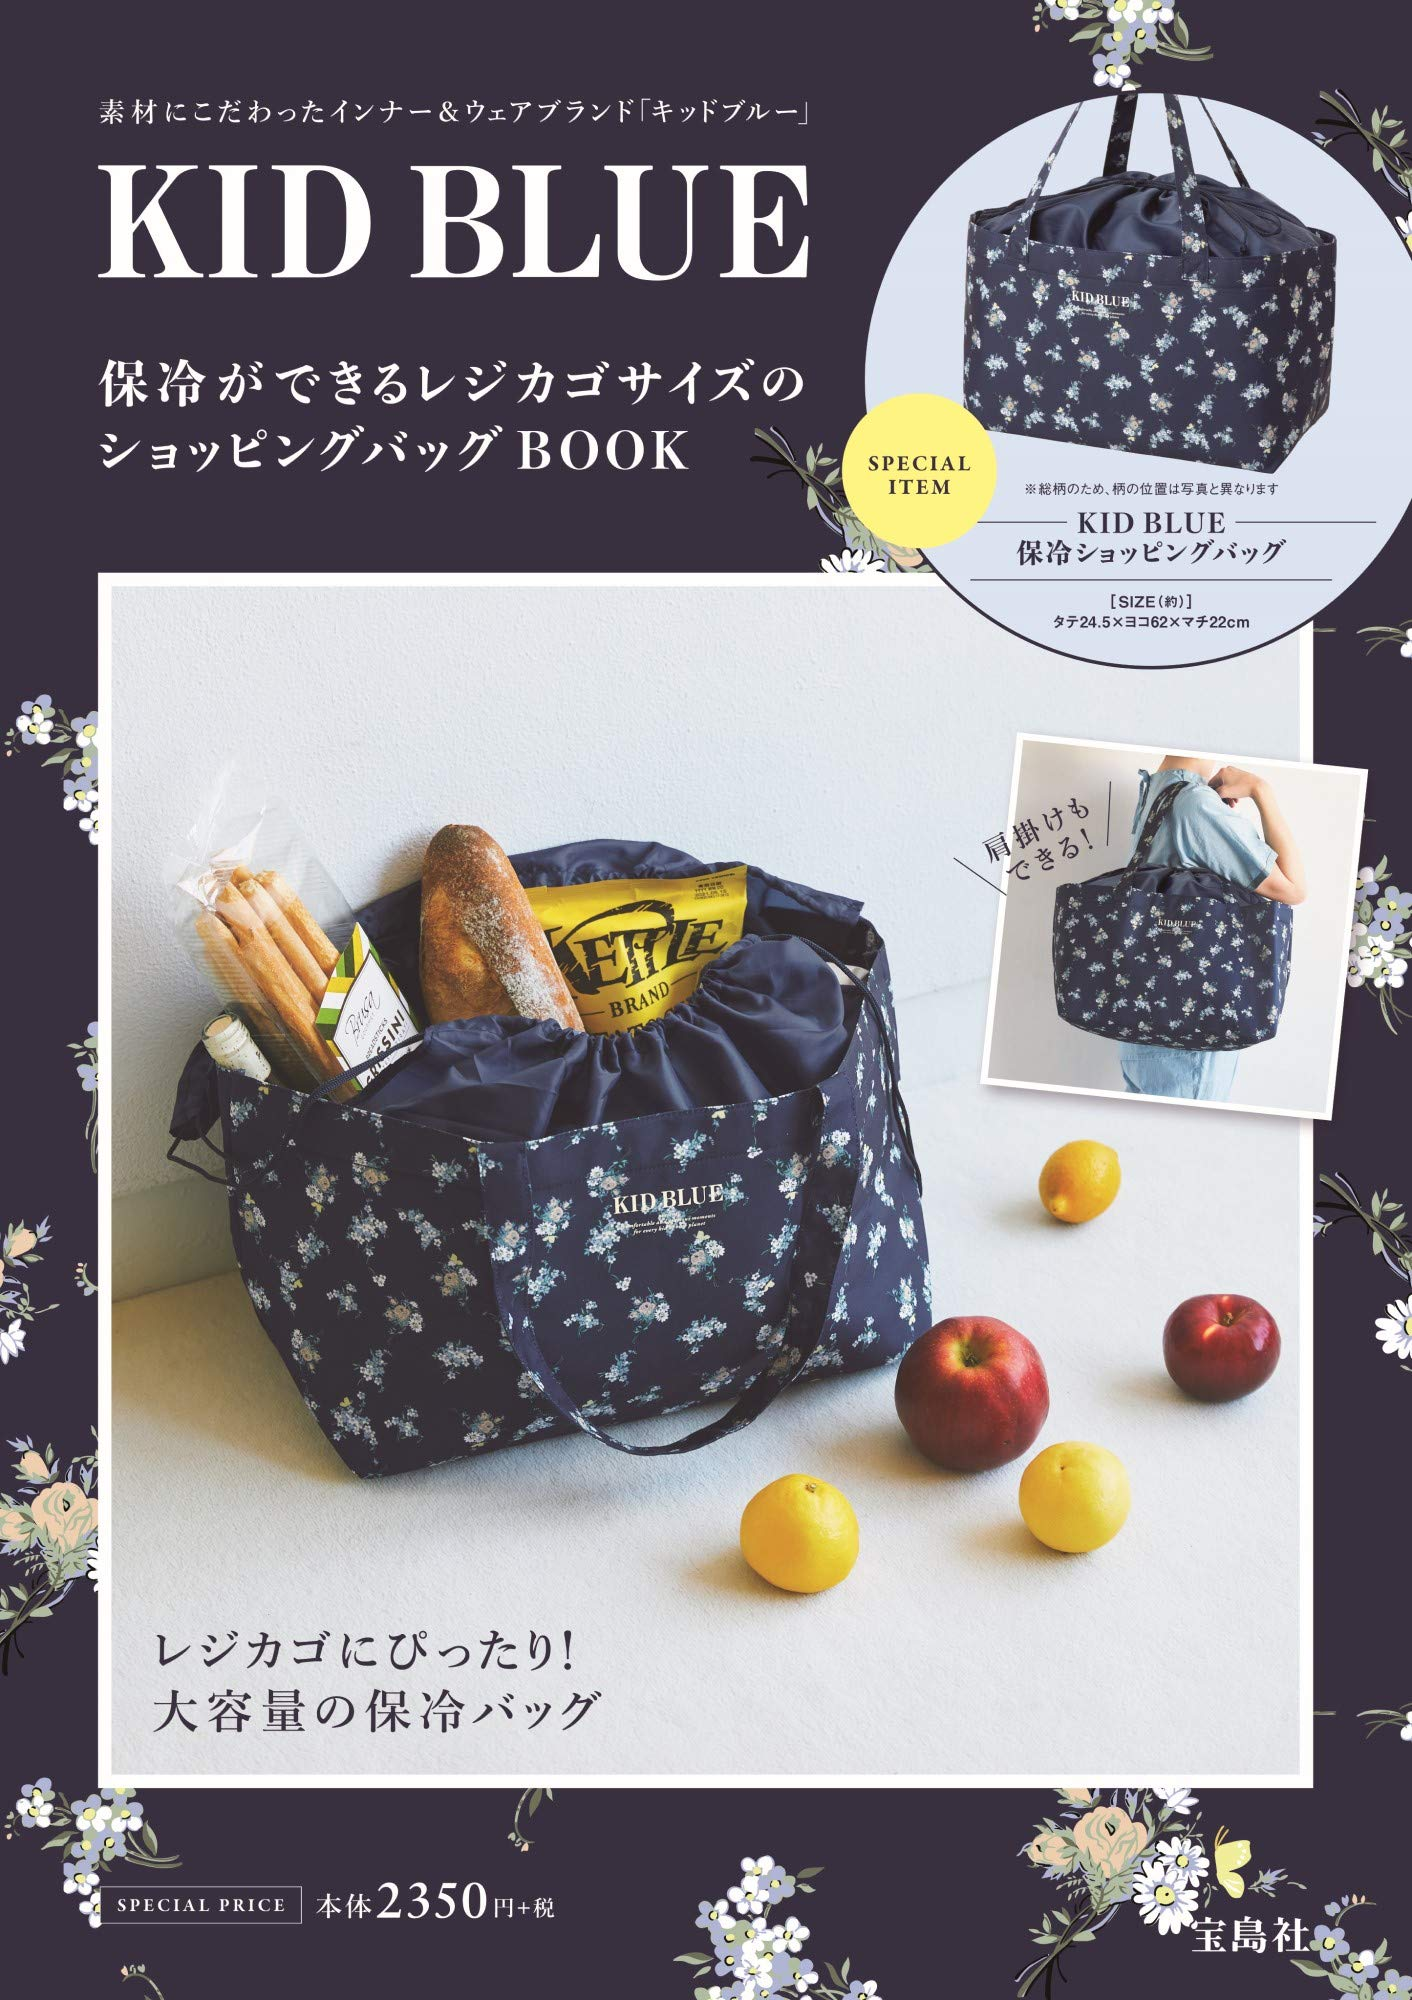 KID BLUE 保冷ができるレジカゴサイズのショッピングバッグ BOOK:3/23発売